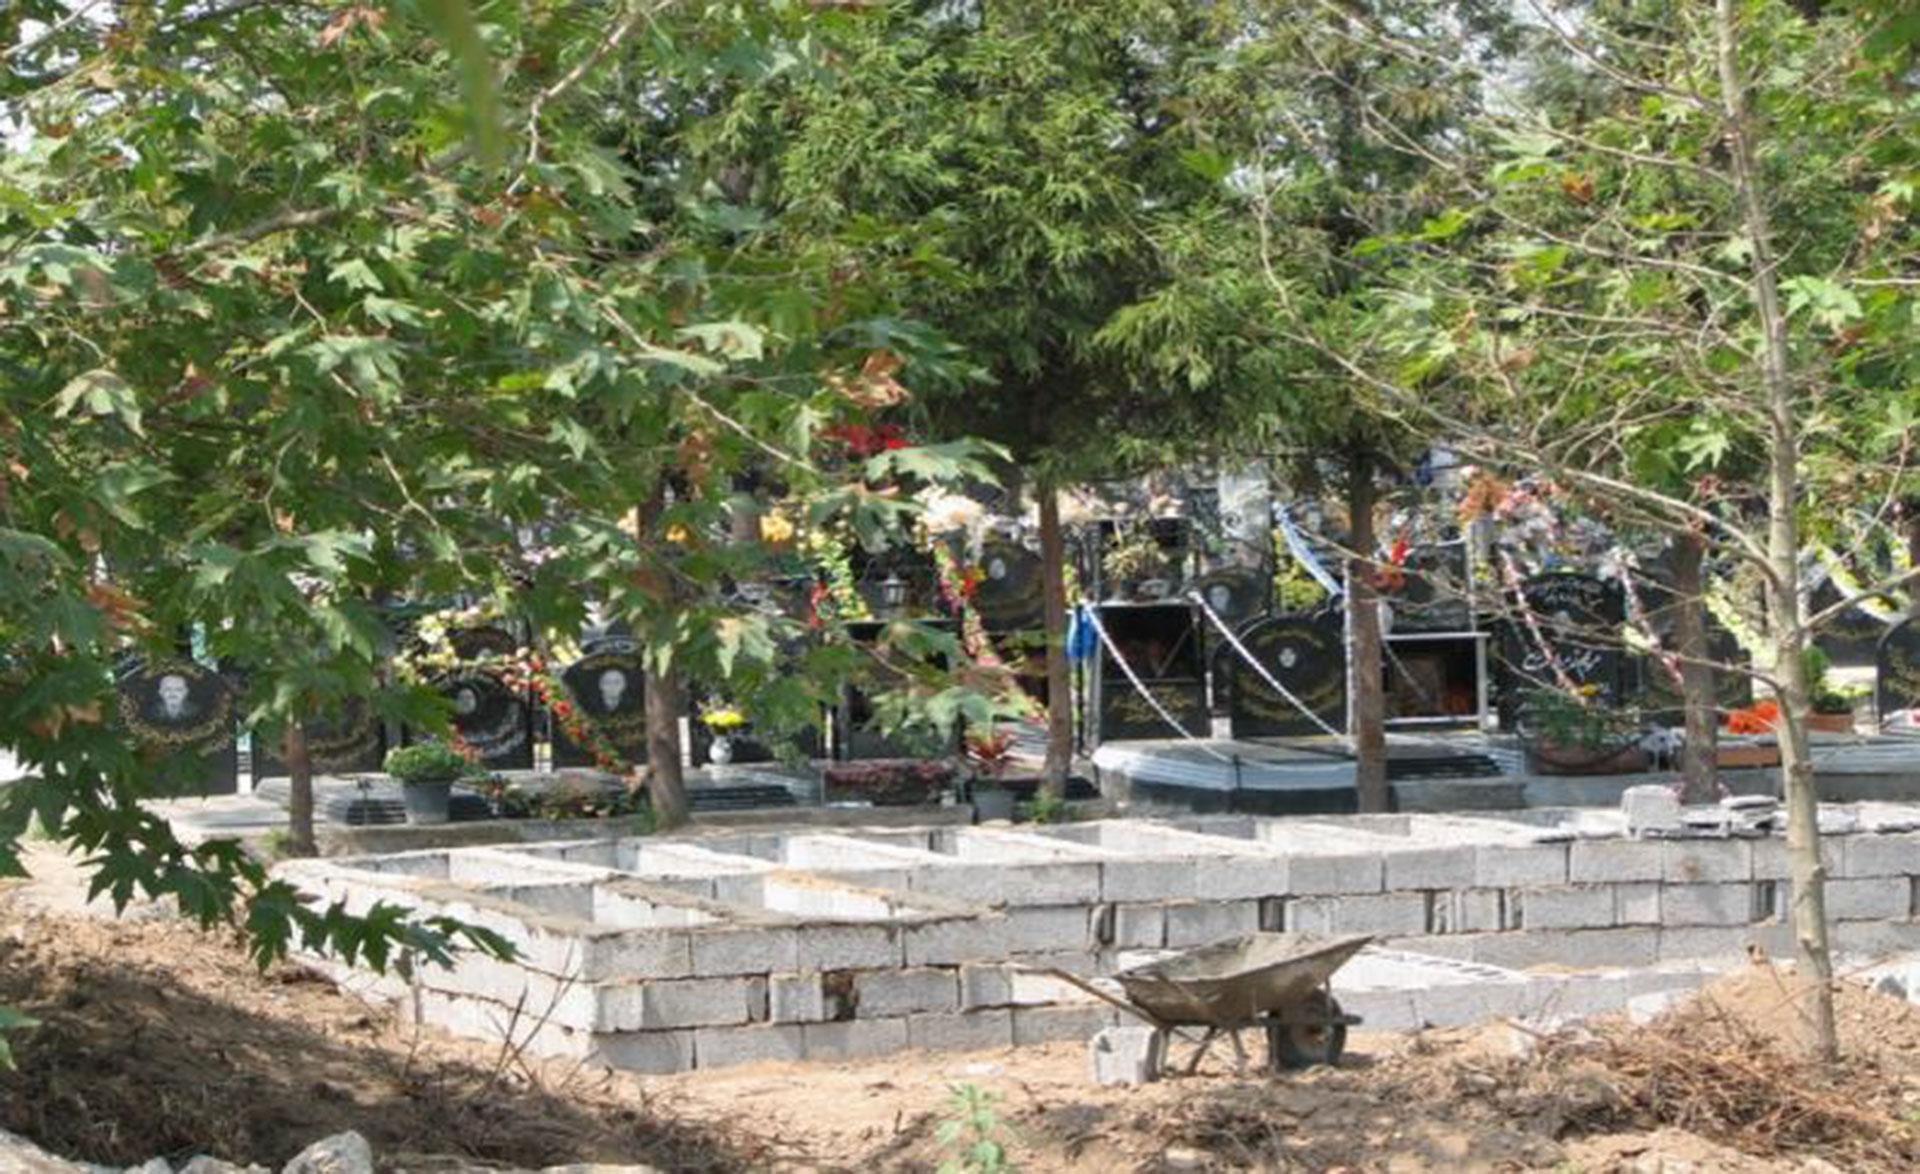 Construcciones sobre el lugar donde se había dado sepultura a los masacrados